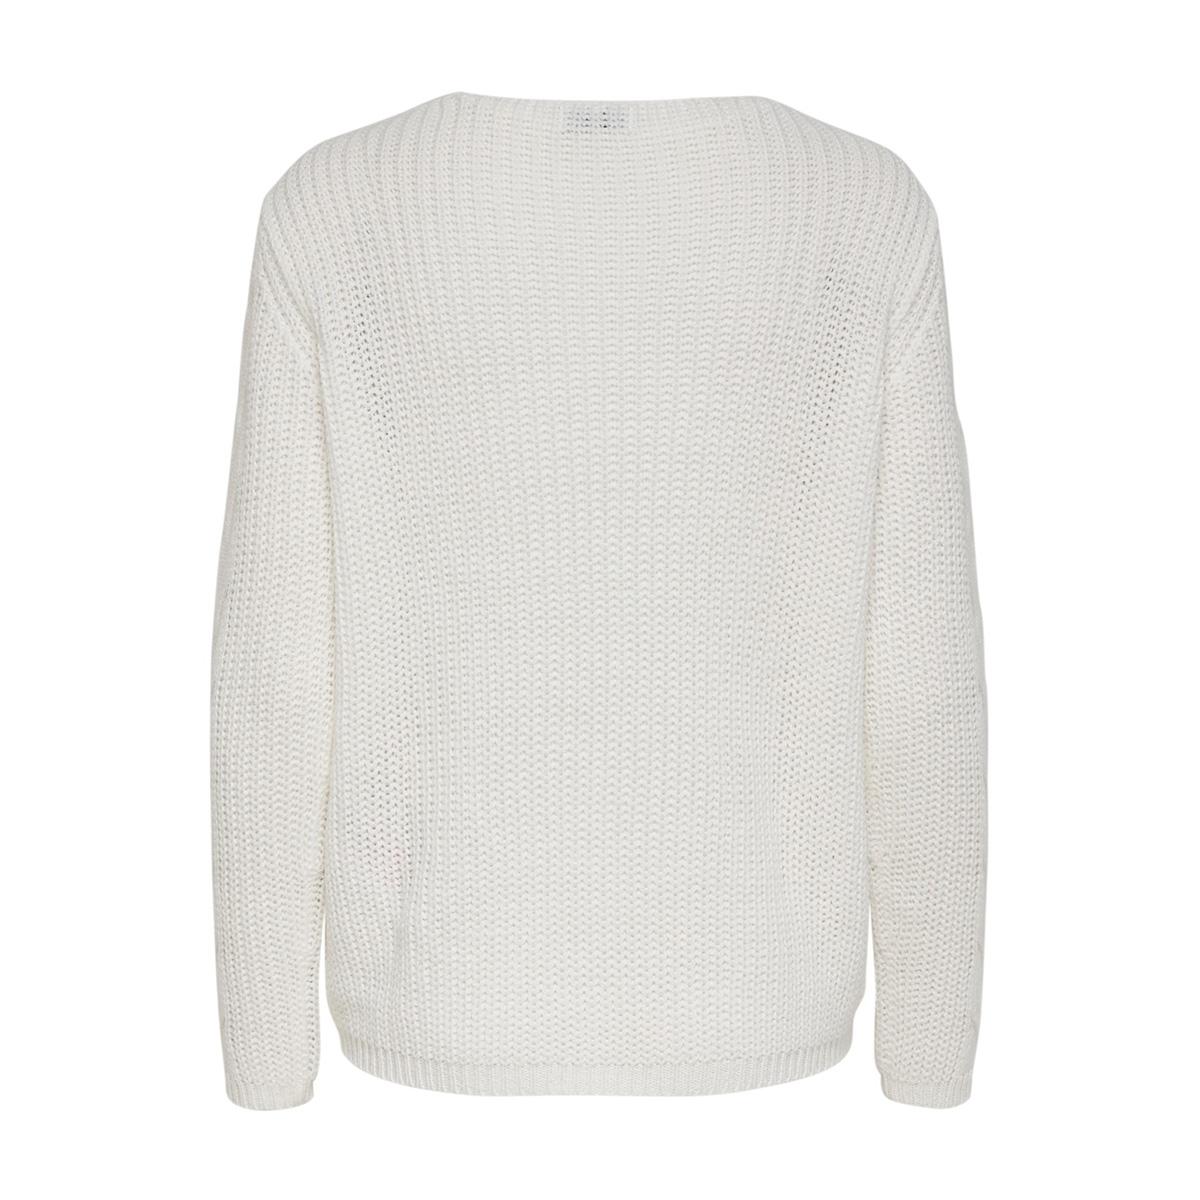 jdybella l/s pullover knt 15185575 jacqueline de yong trui cloud dancer